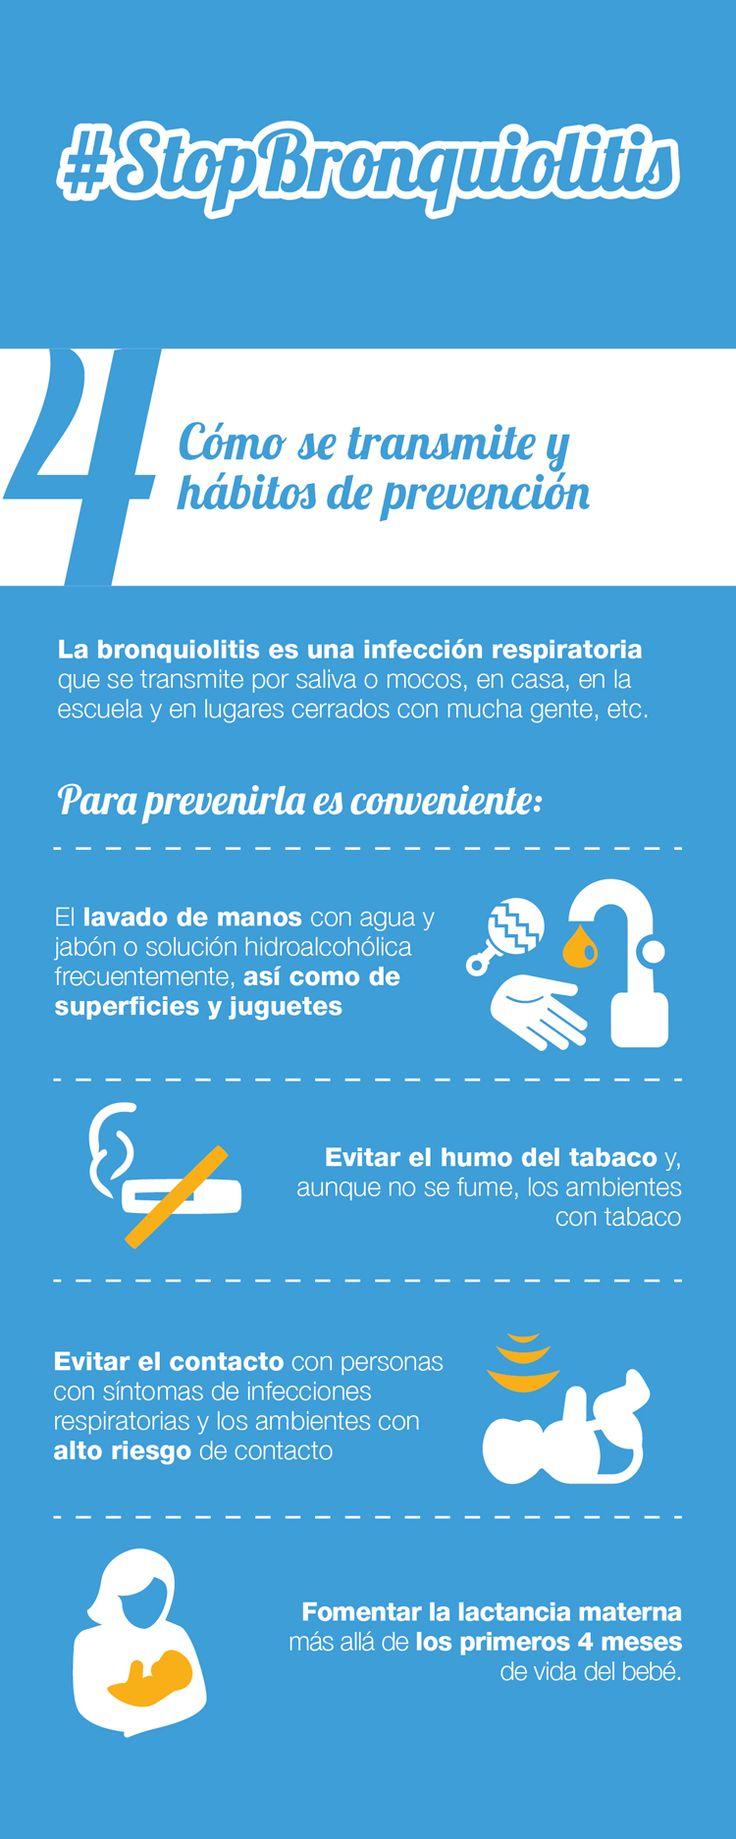 4.- Cómo se transmite y hábitos de prevención.